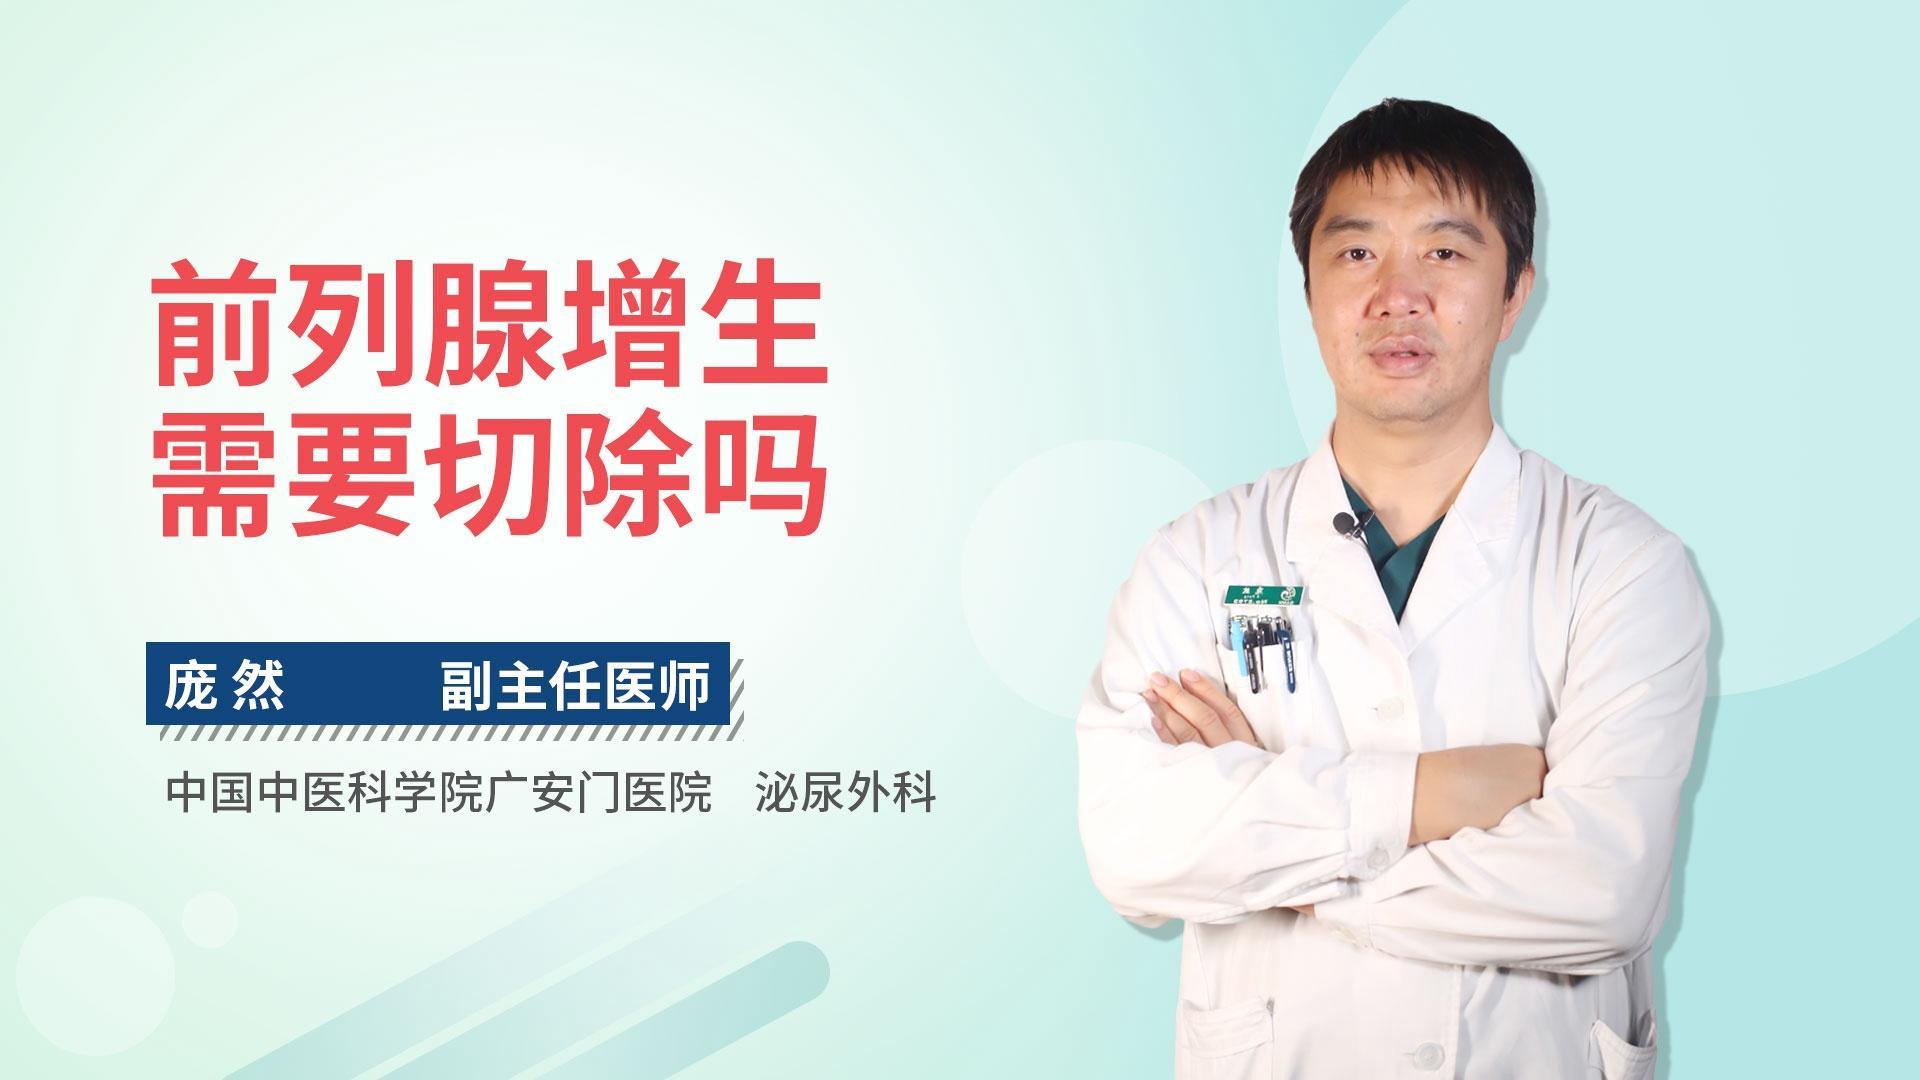 前列腺癌有哪些危害_前列腺肥大临床表现 前列腺增生的症状有哪些_杏林普康